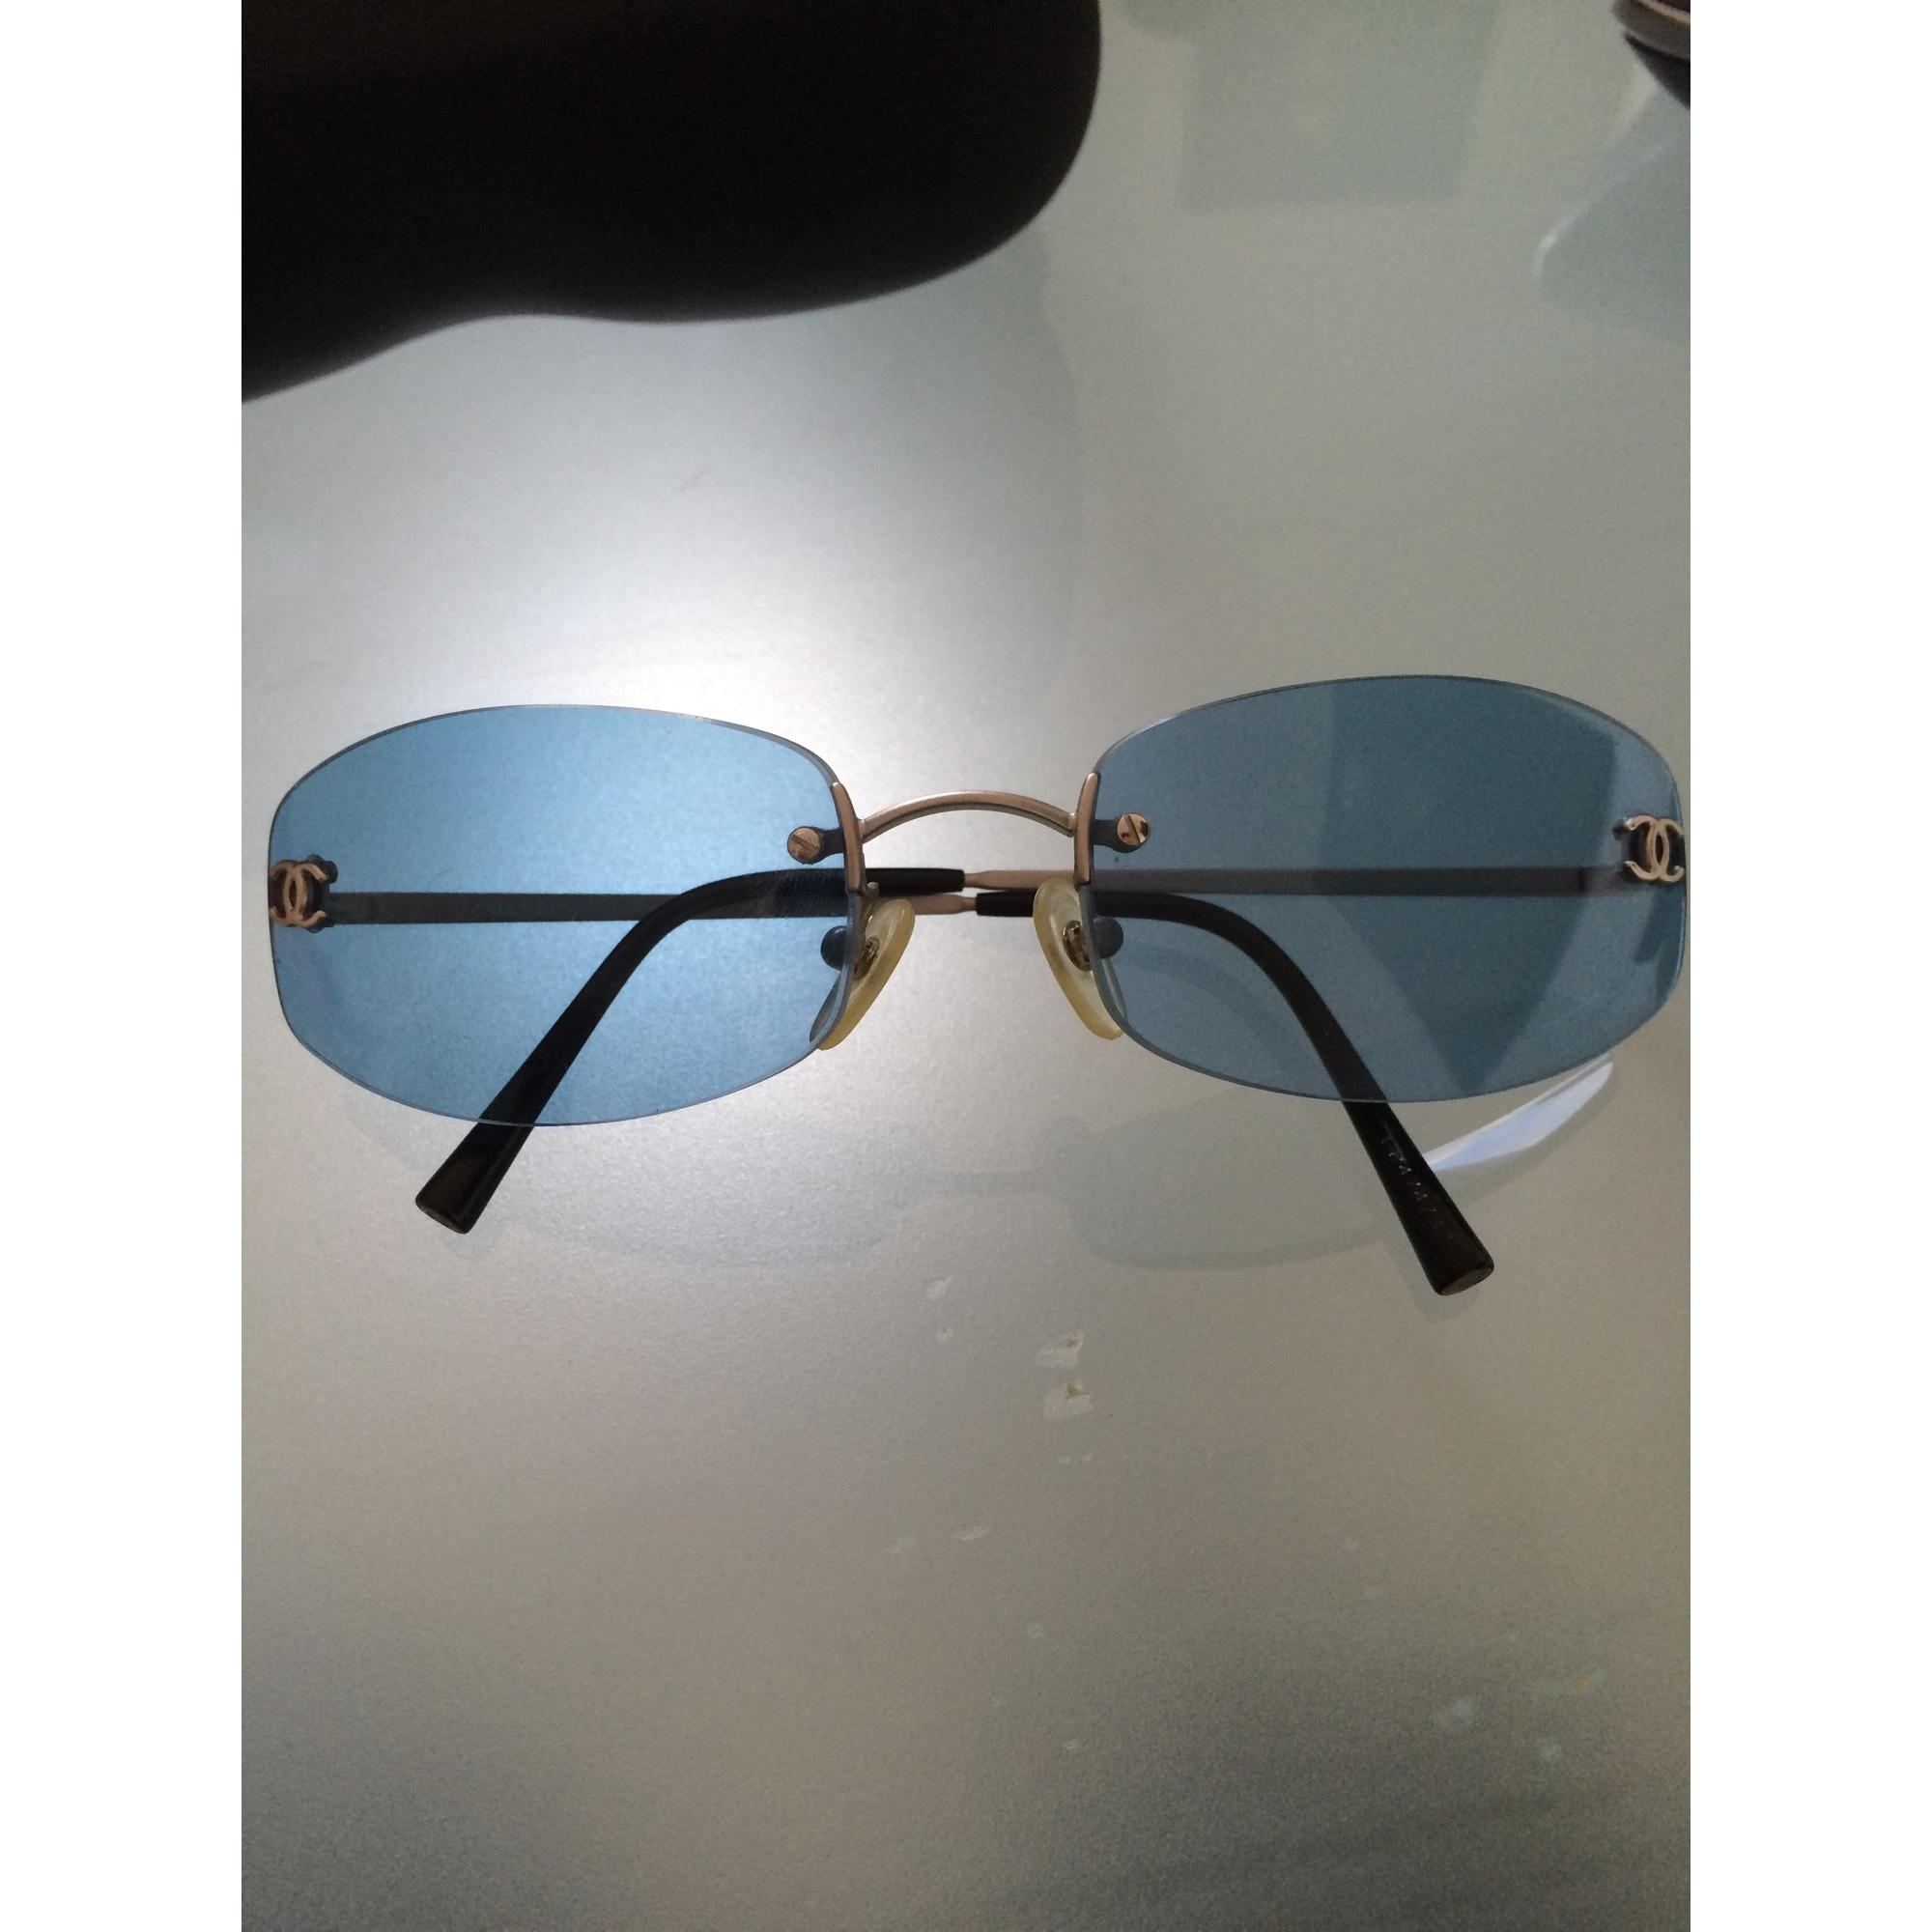 Lunettes de soleil CHANEL bleu vendu par Charlotte129856 - 3691429 91c815a94b6b